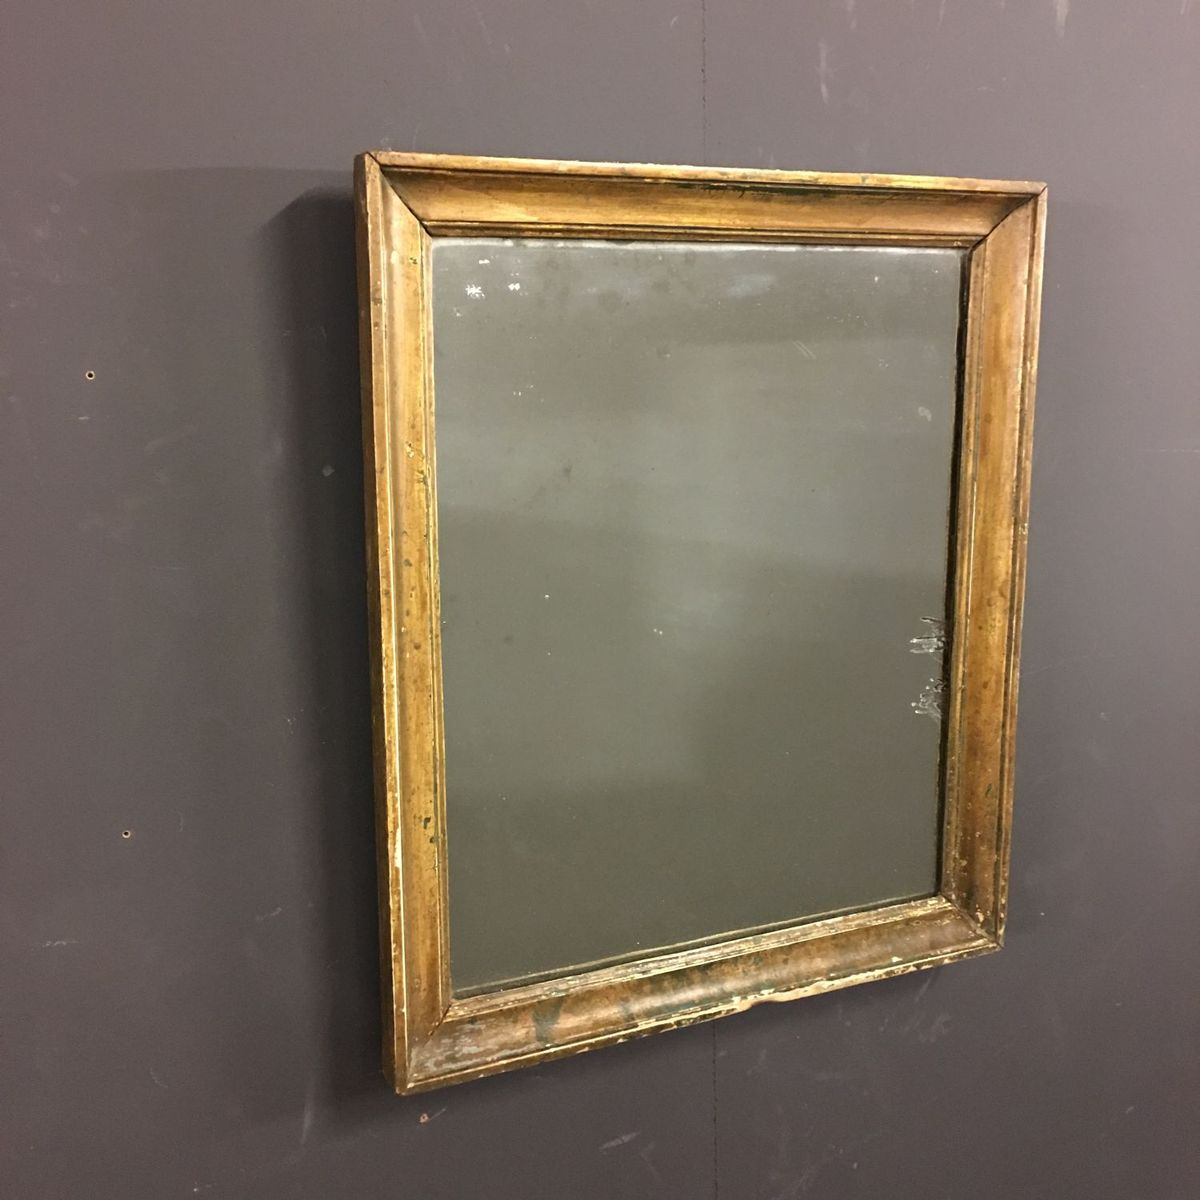 Petit miroir antique en bois dor france en vente sur pamono for Miroir petit prix